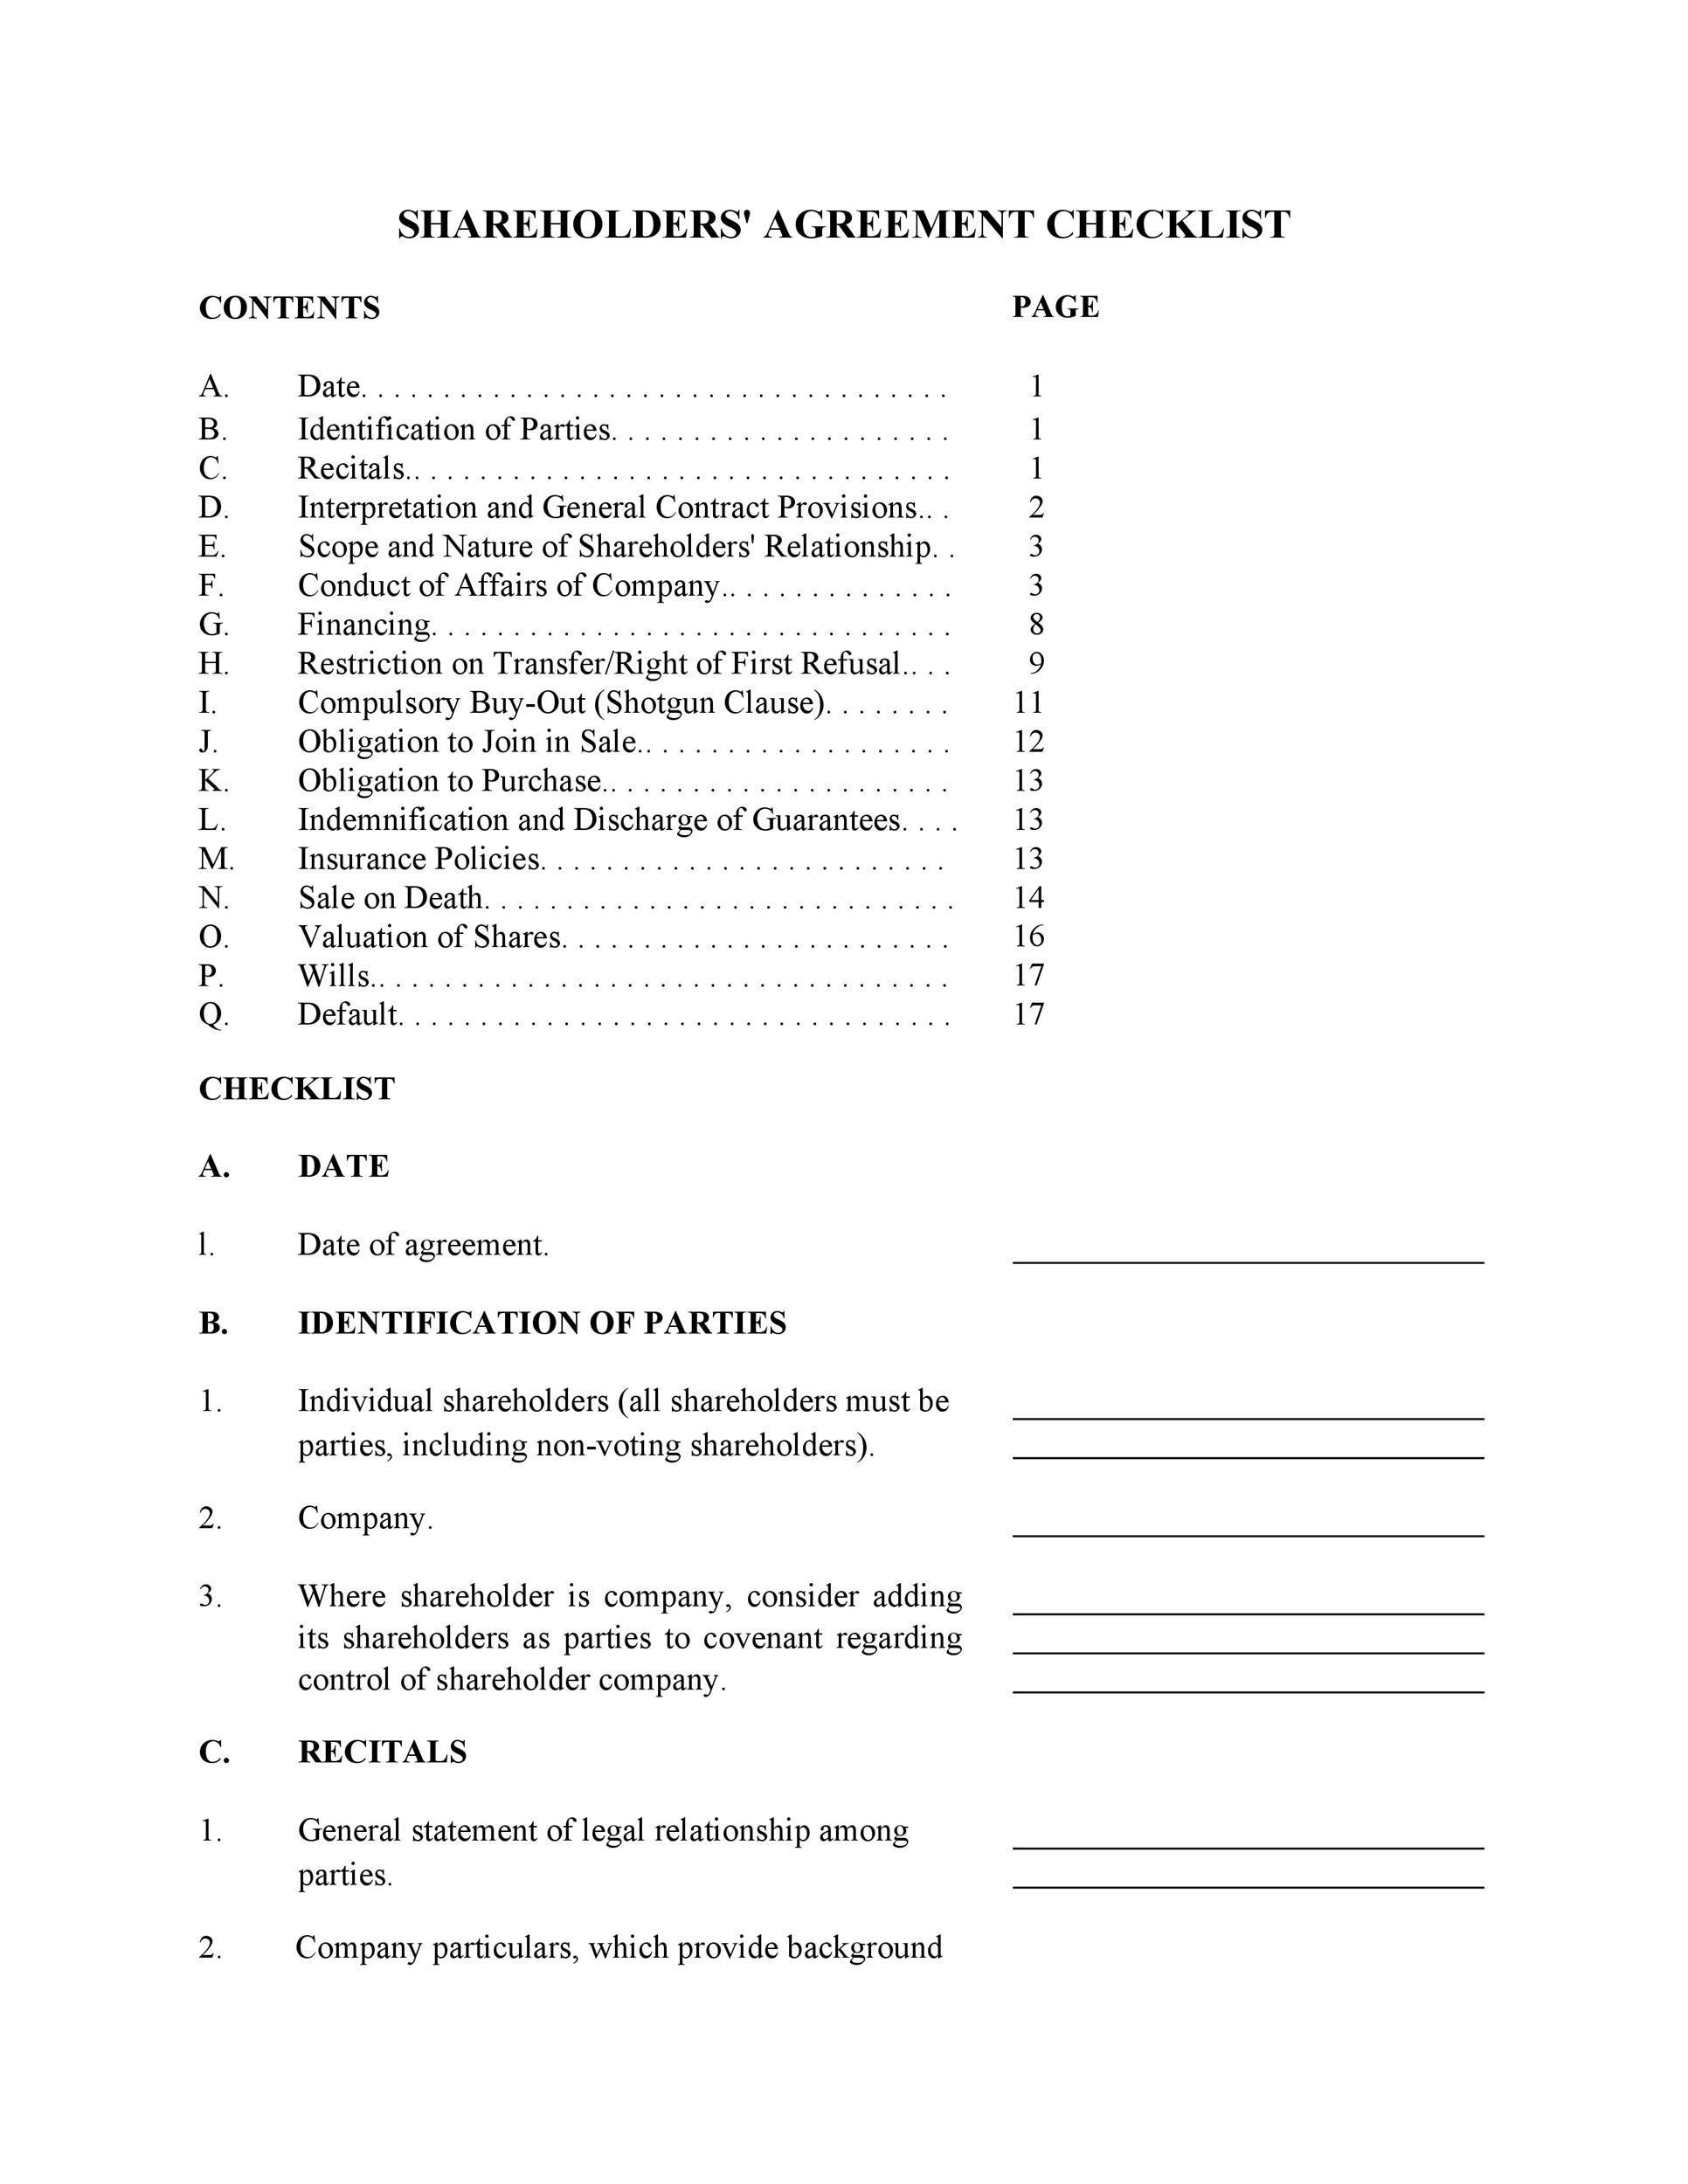 Free shareholder agreement 21